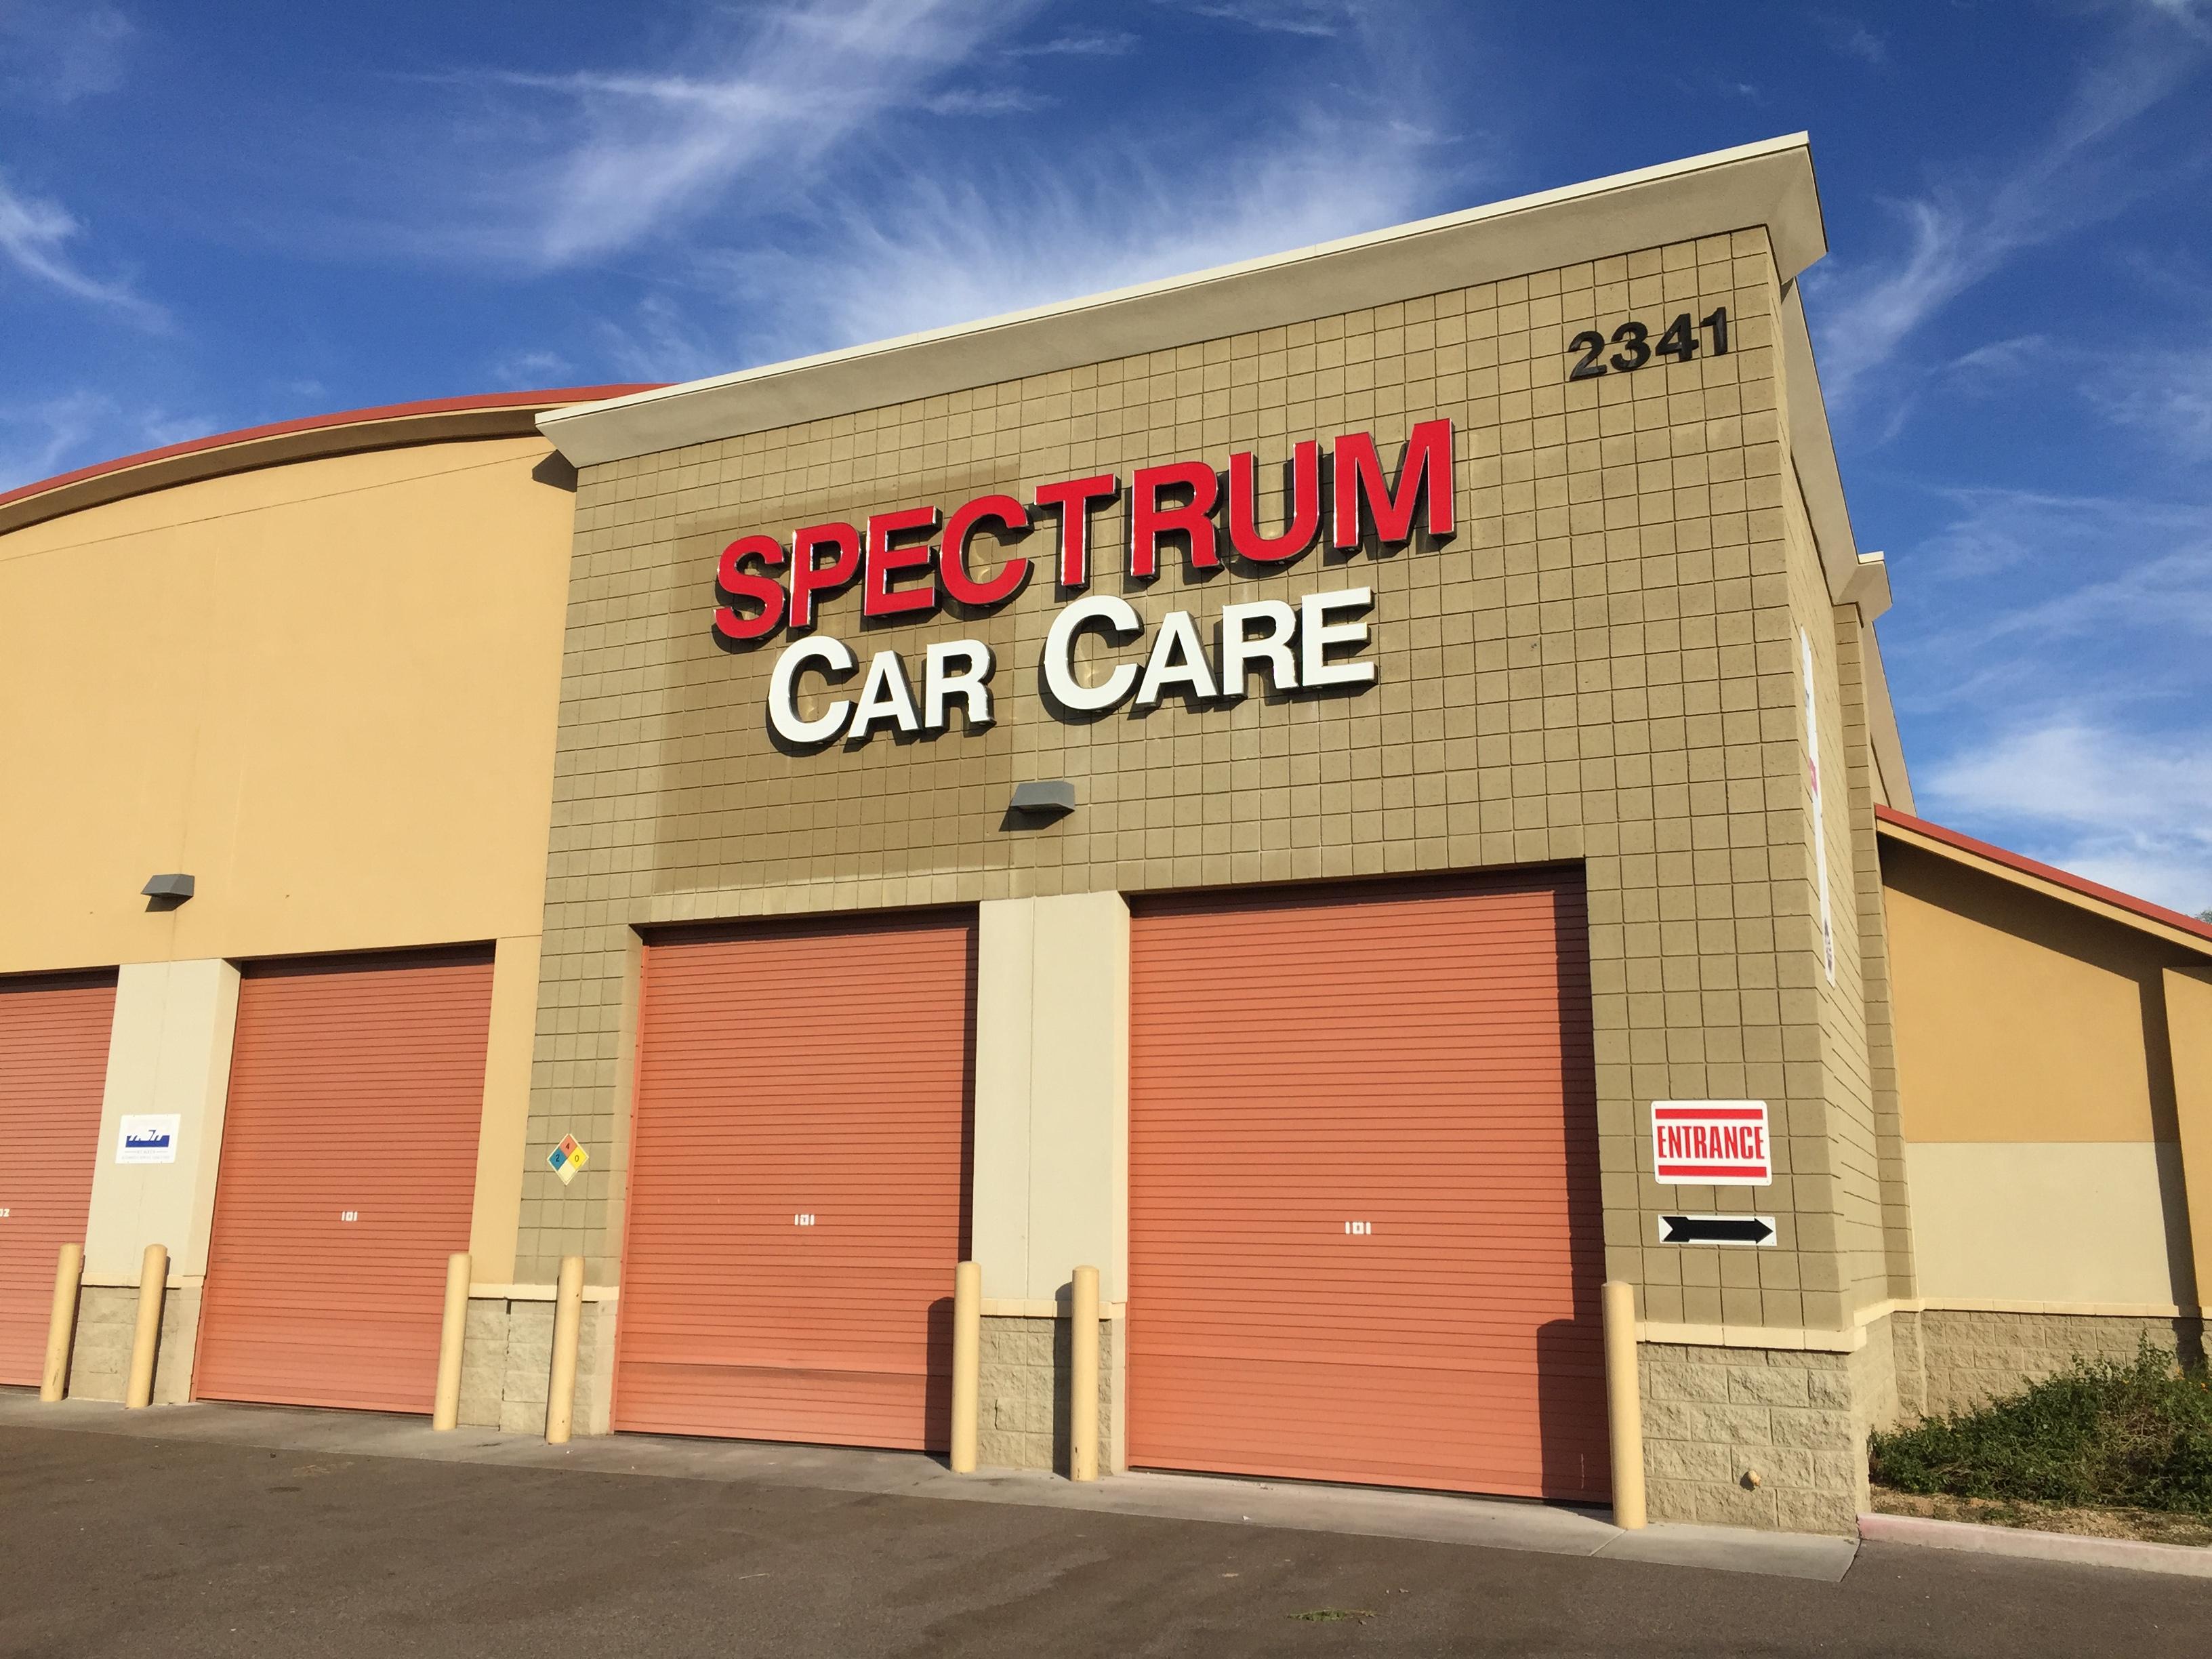 Spectrum Car Car Channel Letter Sign finished